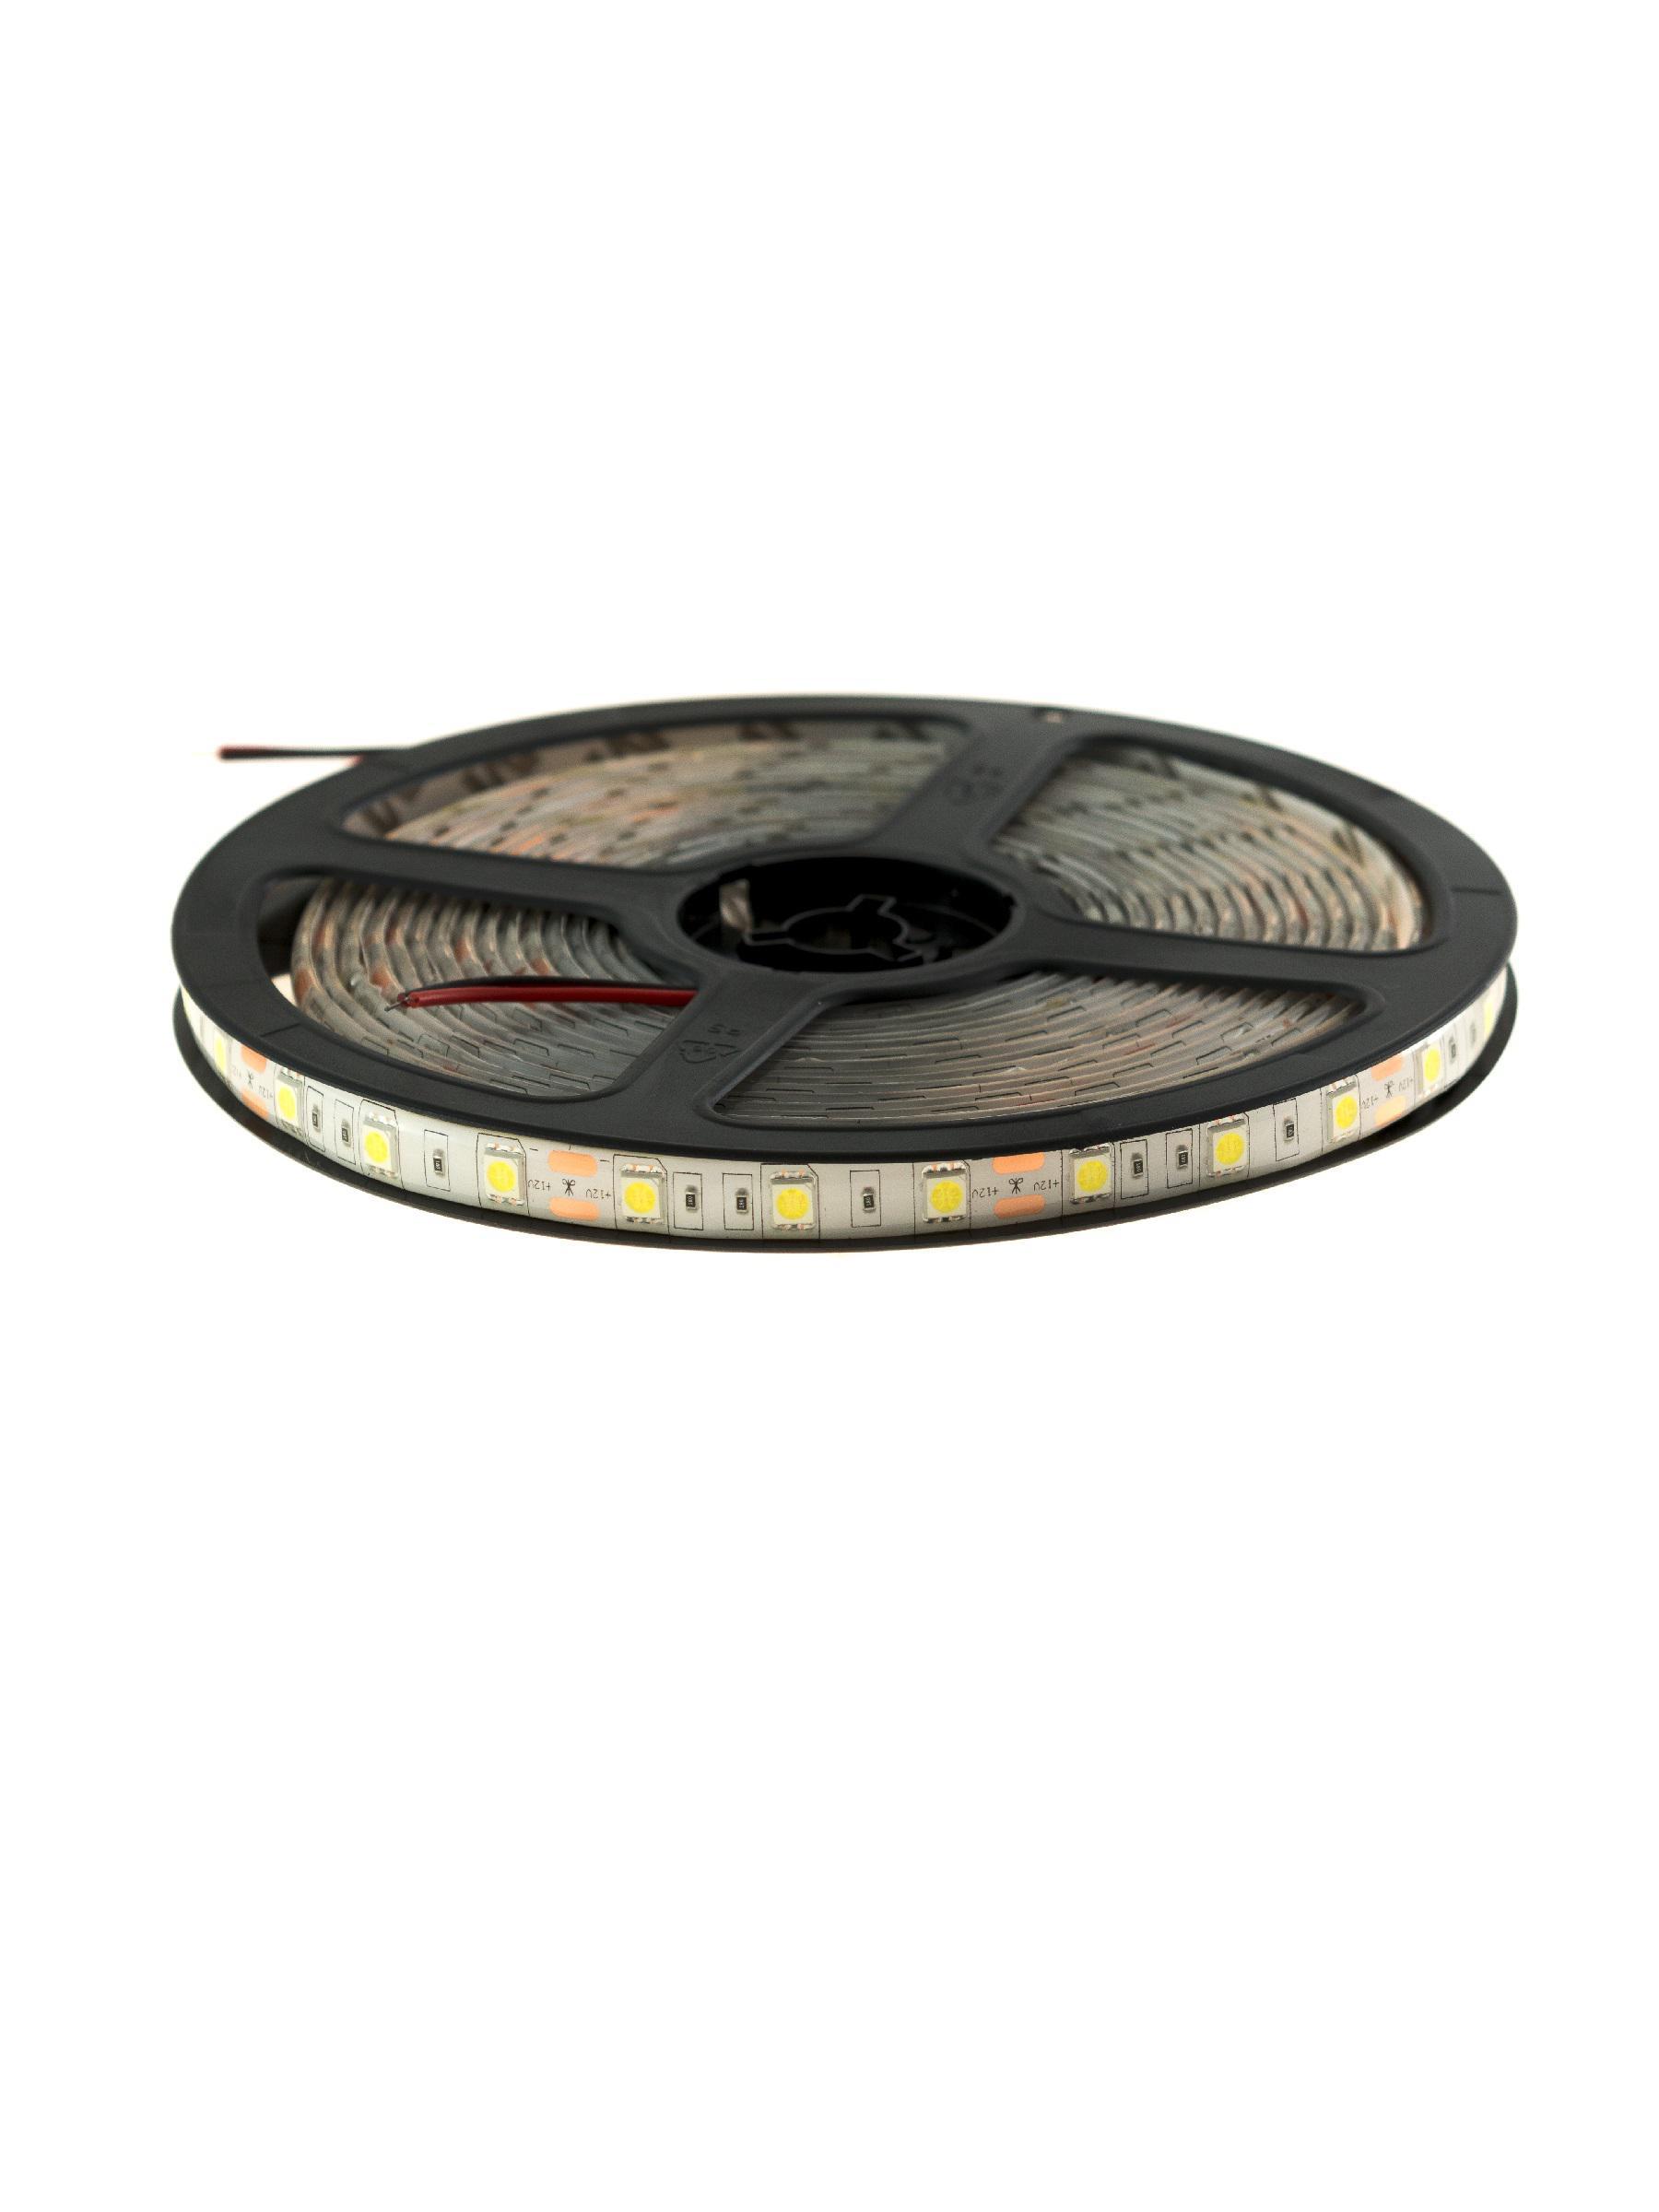 цены на Лента светодиодная Urm С10098 в интернет-магазинах